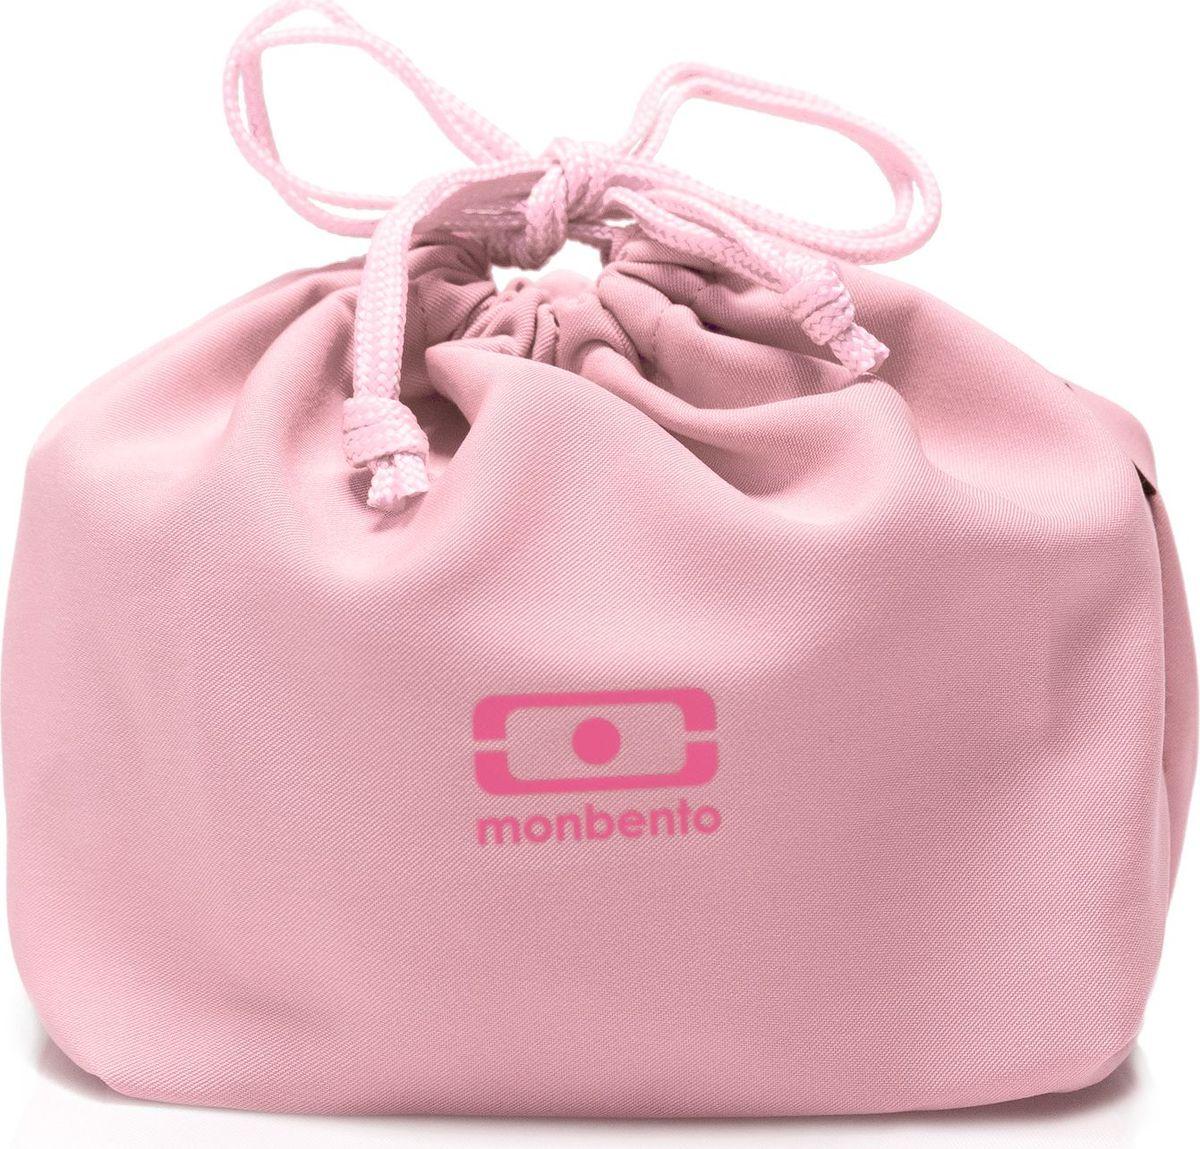 Мешочек для ланча Monbento Pochette, цвет: личи1002 02 266Идеальное дополнение к каждому ланч-боксу! Стильный мешочек для ланчапоможет вам комфортно и надежно транспортировать ланч-бокс, положив его всумку или даже неся в руке. Сложите в мешочек все, что вам понадобится дляобеда: ланч-бокс, приборы, салфетки и другие нужные вещи. Все это будет вцелости и сохранности, а вы сможете комфортно пообедать в любом месте.Вместительный мешочек защитит ланч-бокс и другие предметы от механическихповреждений и позволит компактно транспортировать все обеденныепринадлежности. Вам не нужно будет тратить время на поиски того или иногопредмета – все будет под рукой!Практичный и легкий в уходе полиэстер очень просто стирать, для негоразрешена машинная стирка.